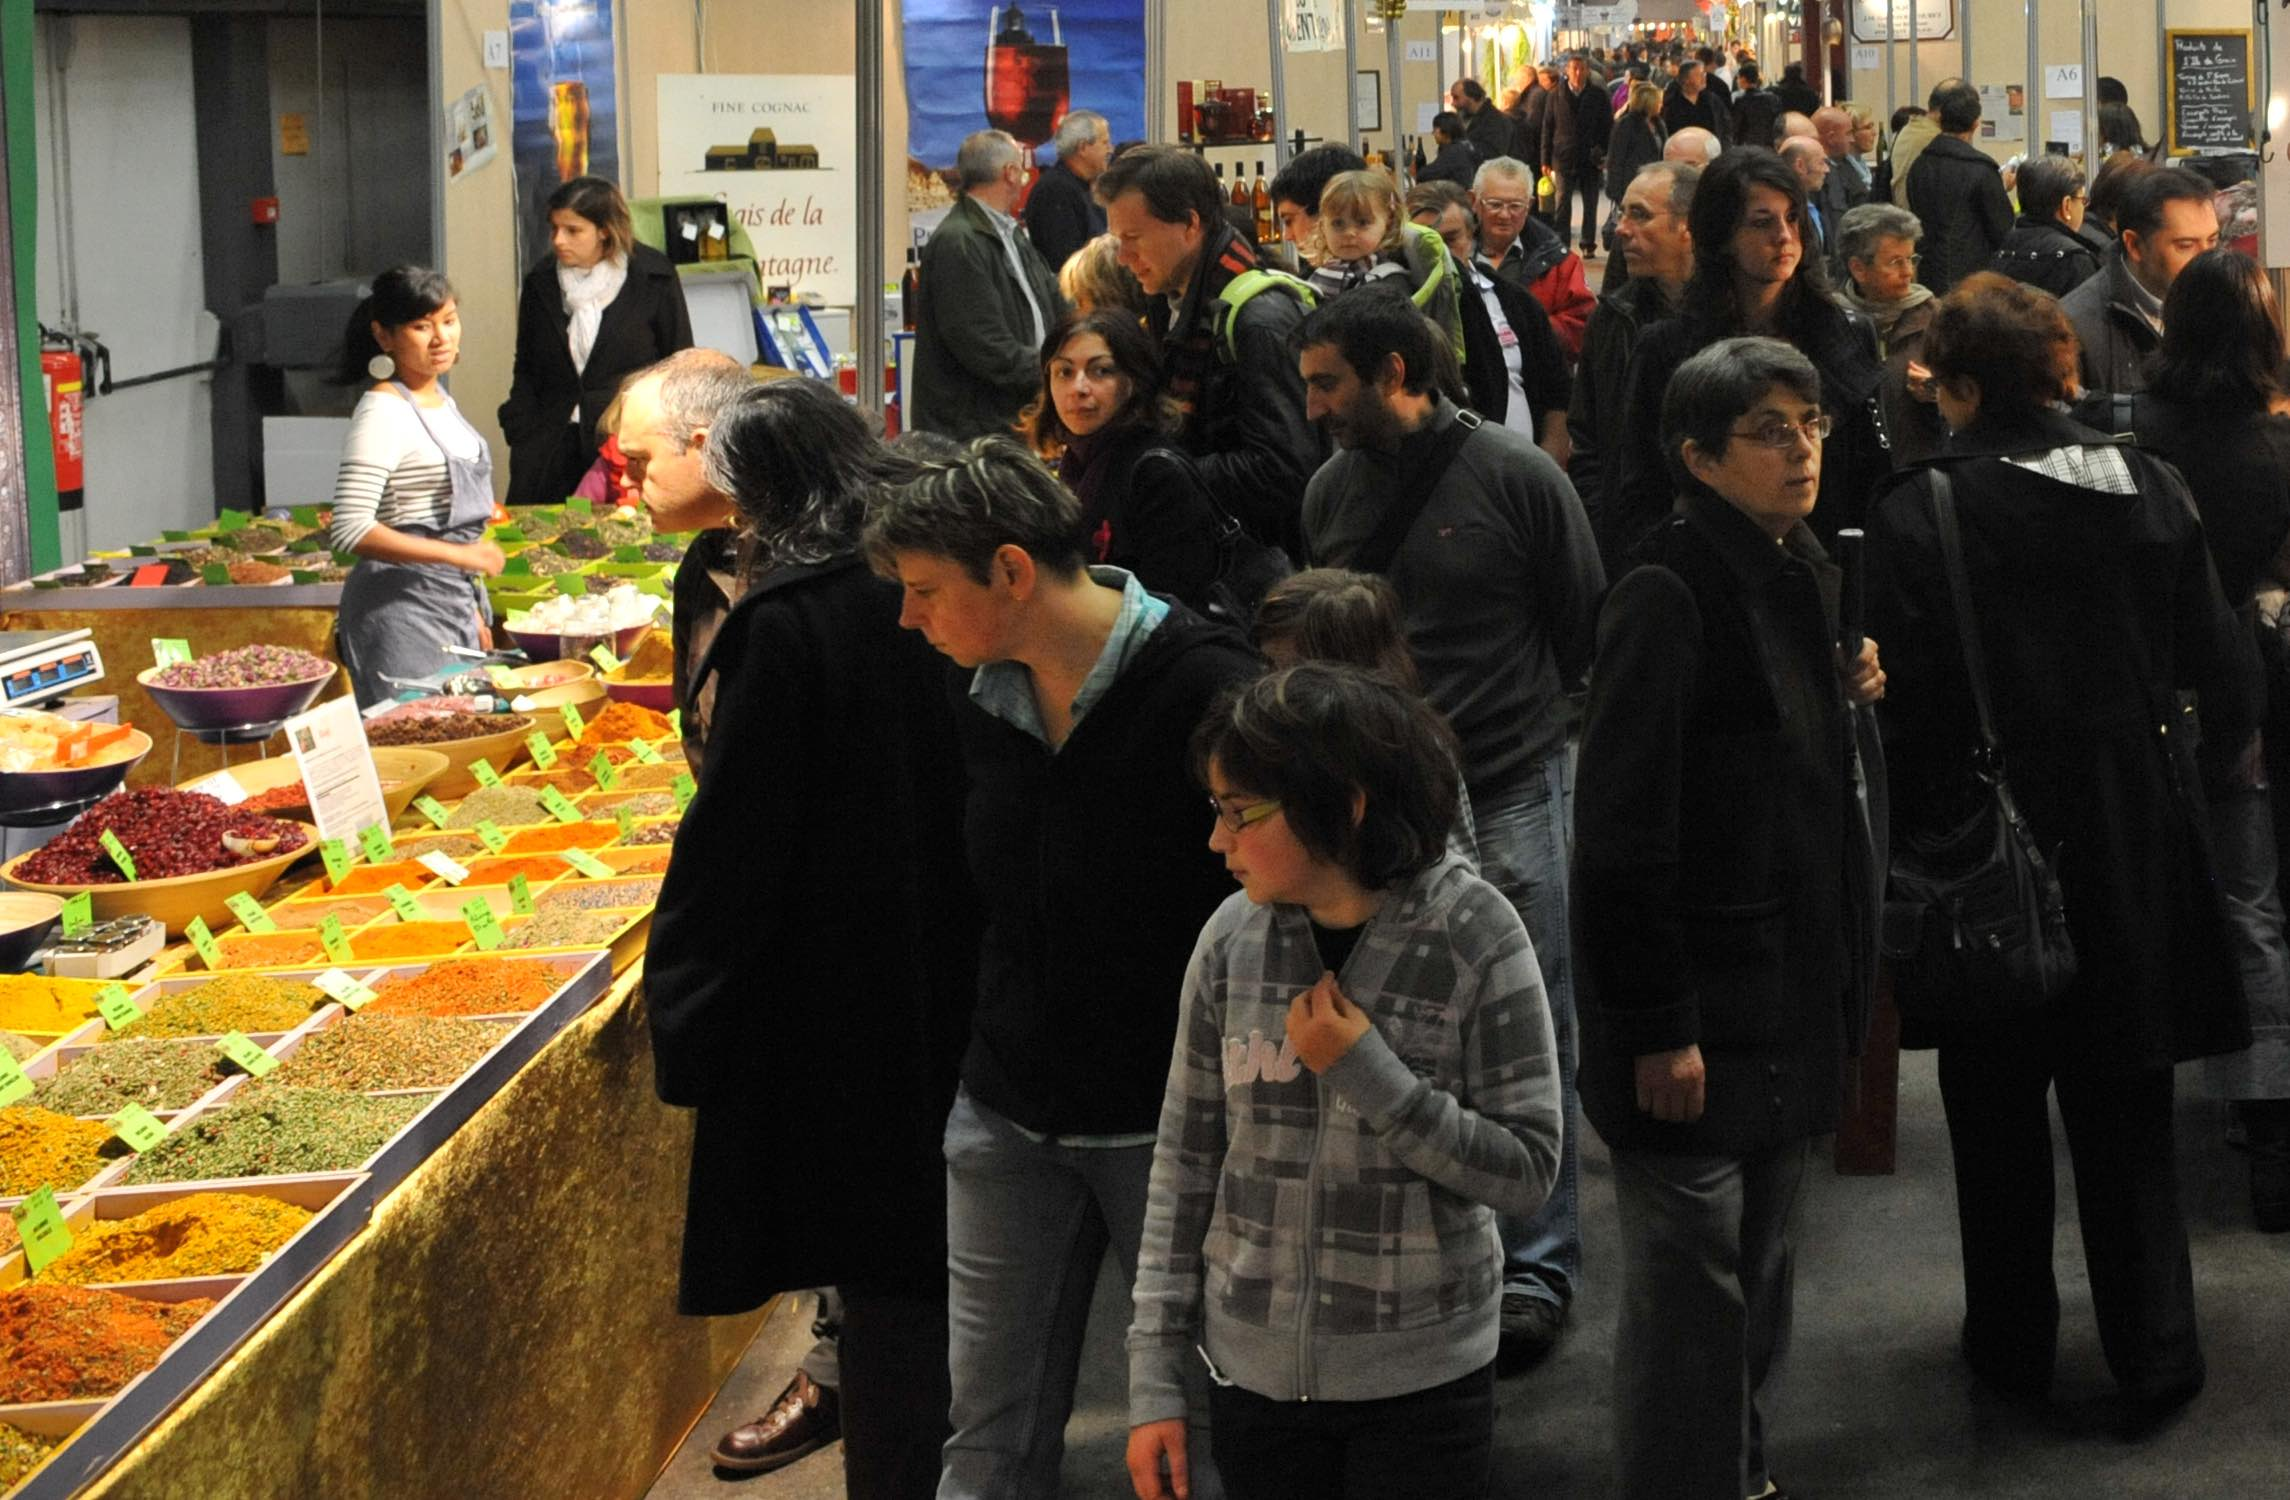 Salon des vins et de la gastronomie de chartres chartres for Salon des vins et de la gastronomie